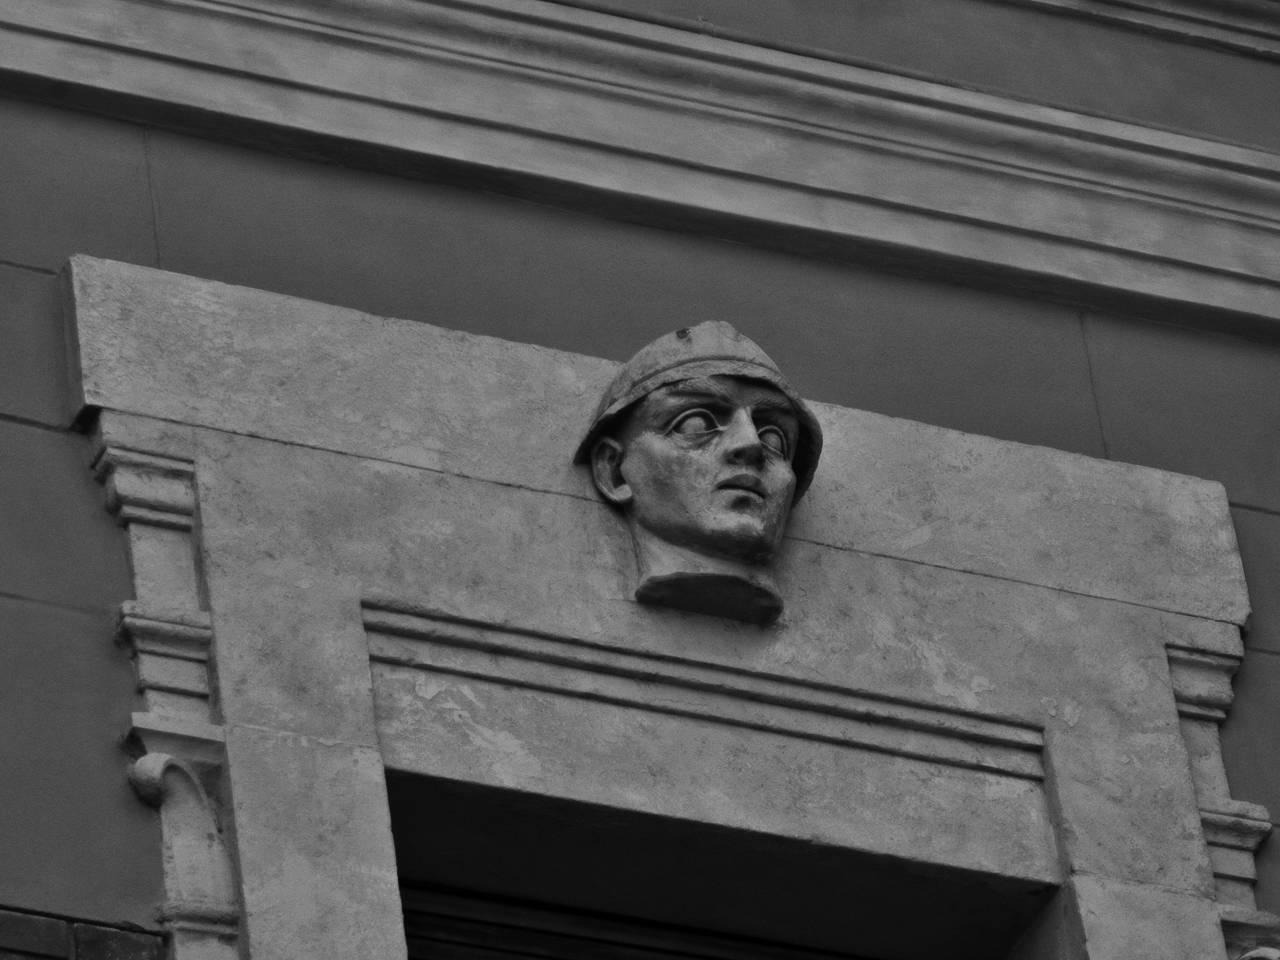 soldato scolpito - dettaglio Casa del Mutilato